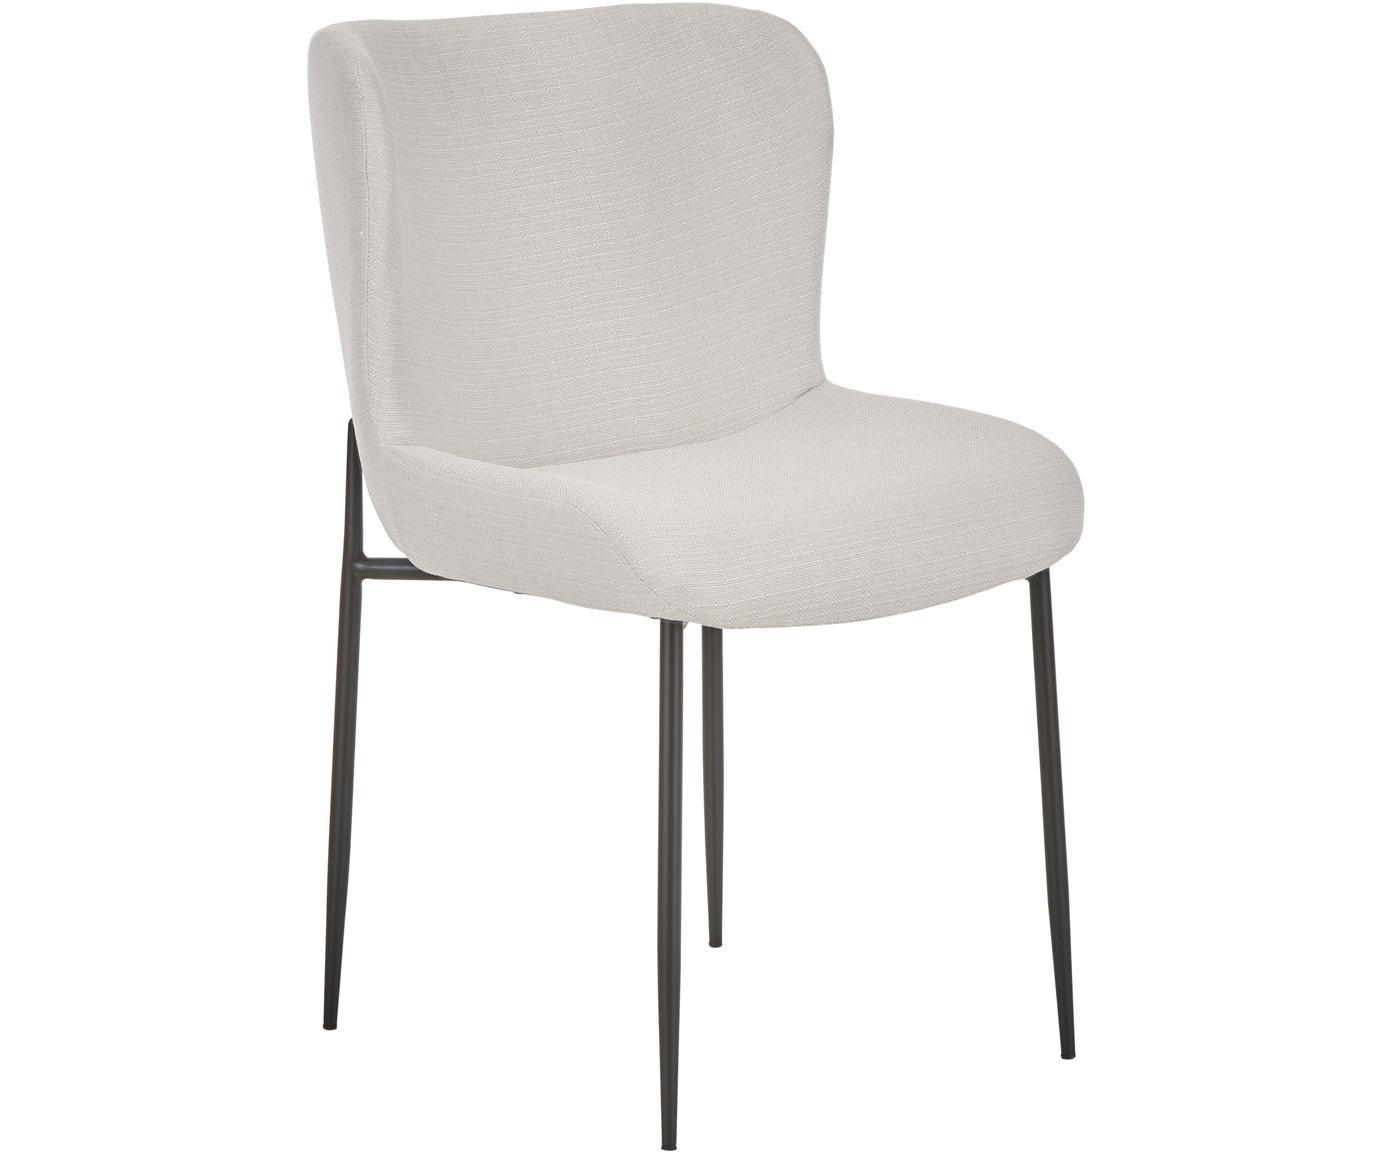 Krzesło tapicerowane Tess, Tapicerka: poliester 25000cykli w , Nogi: metal malowany proszkowo, Kremowobiały, czarny, S 48 x G 64 cm